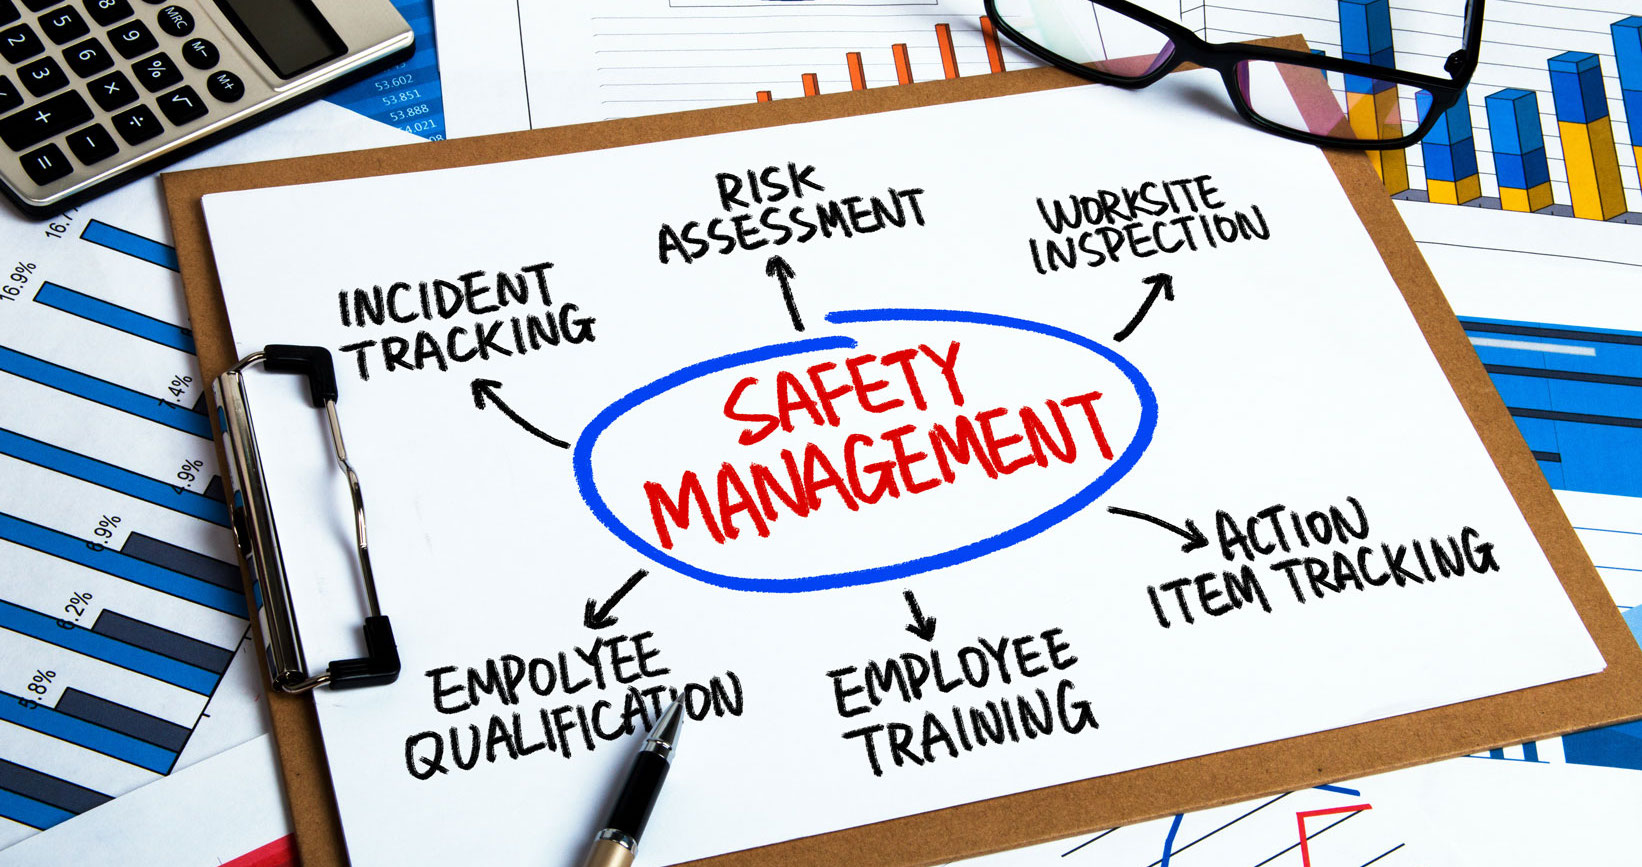 OSHA/Safety | SuretyHR